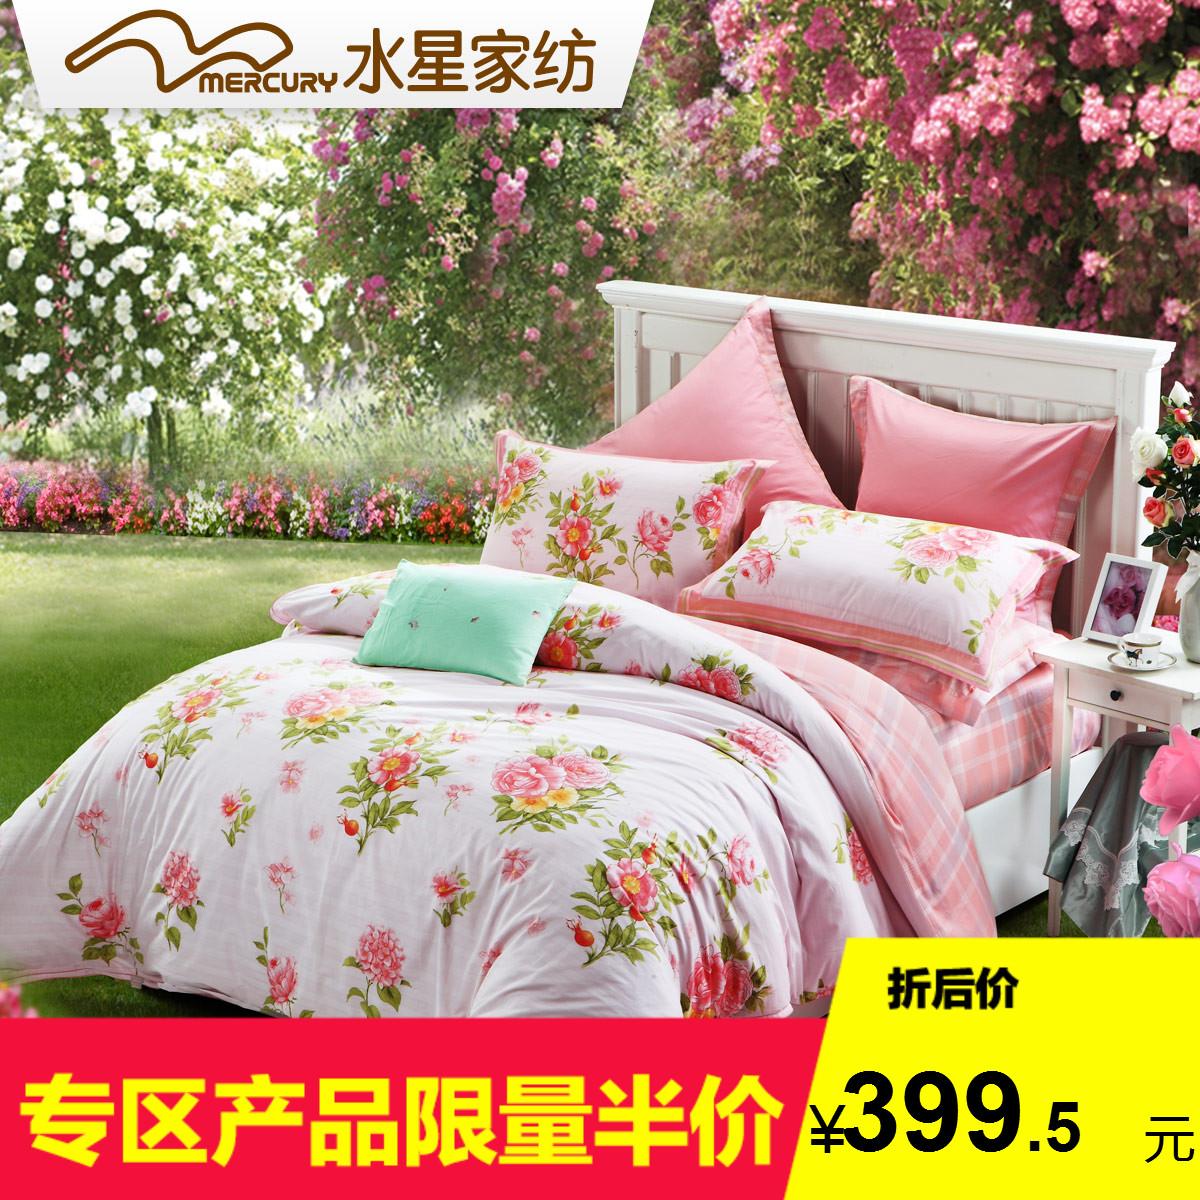 水星家纺 全棉小提花印花四件套 梦游仙境 田园浪漫清新套件床品